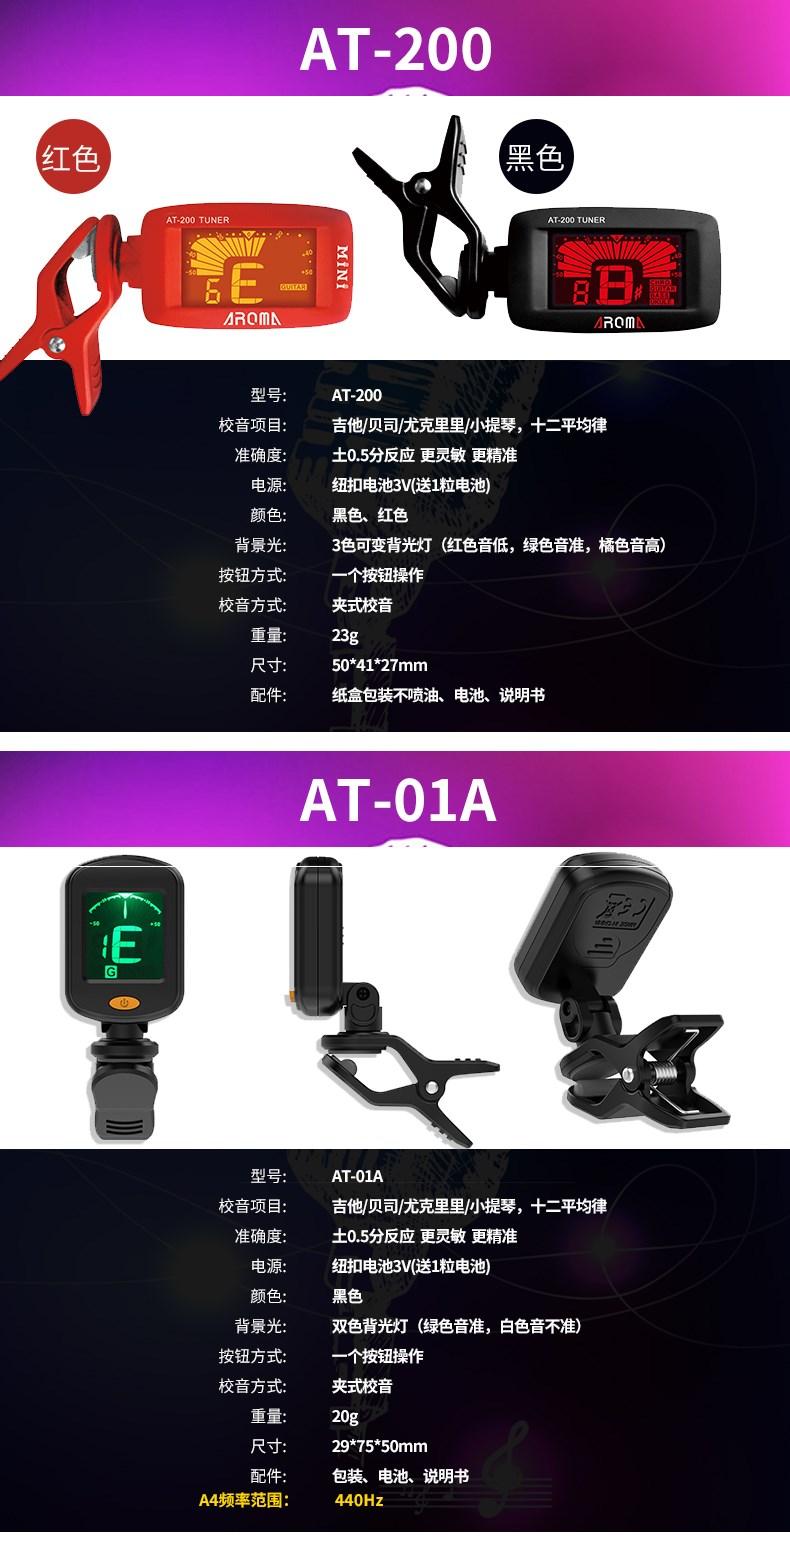 中國代購 中國批發-ibuy99 阿诺玛尤克里里民谣吉他调音器小提琴通用电子调音器校音